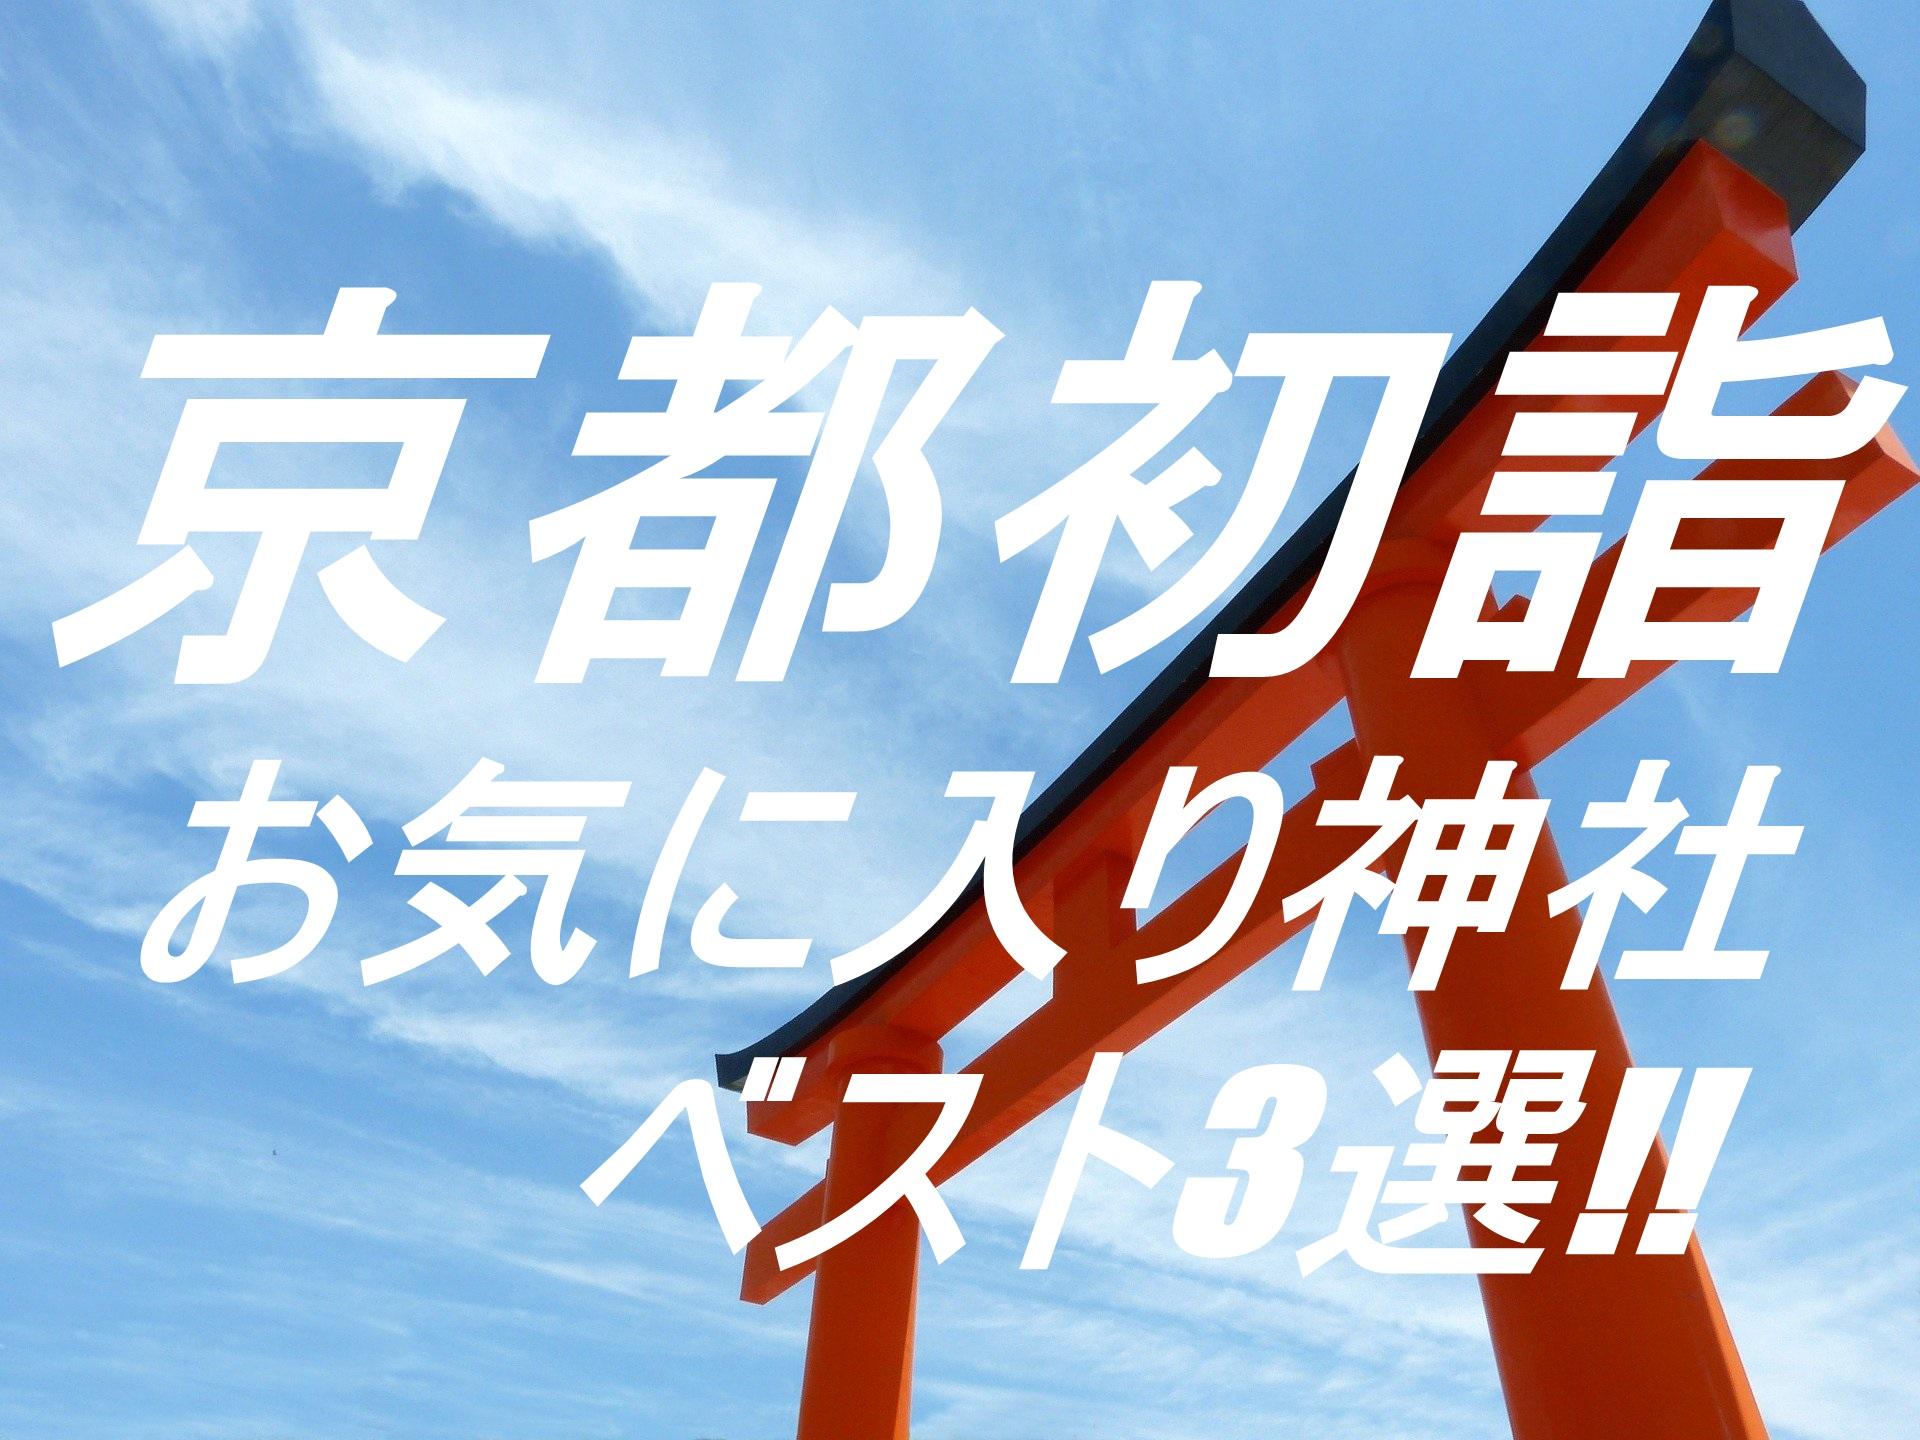 京都初詣お気に入り神社ベスト選!!